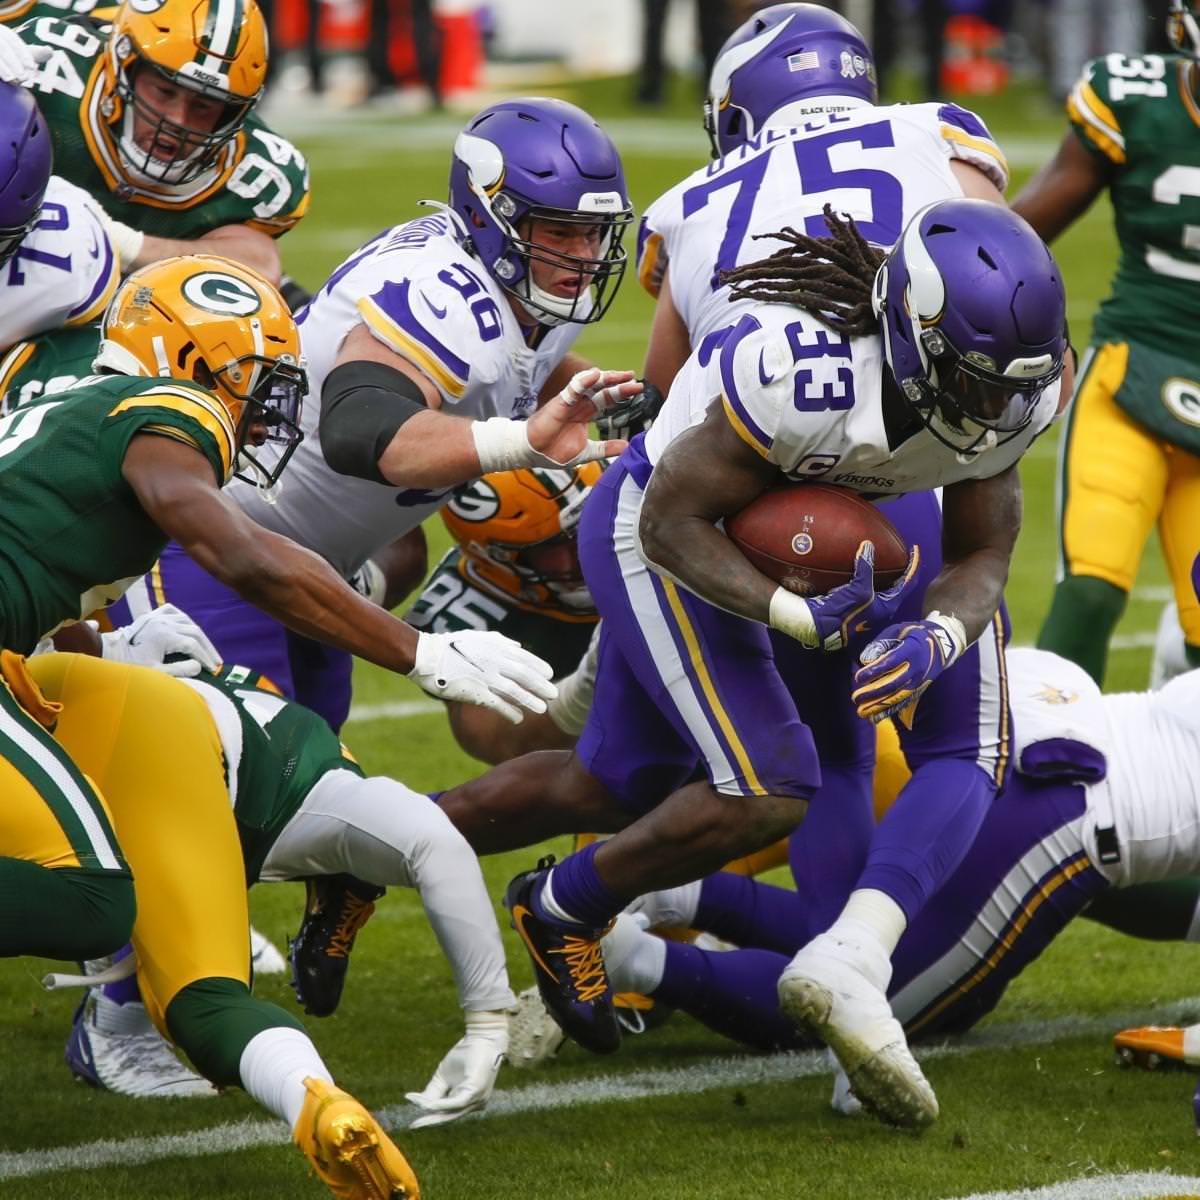 Relatório: Packers Player testado positivo para COVID-19;  GB para realizar reuniões virtuais